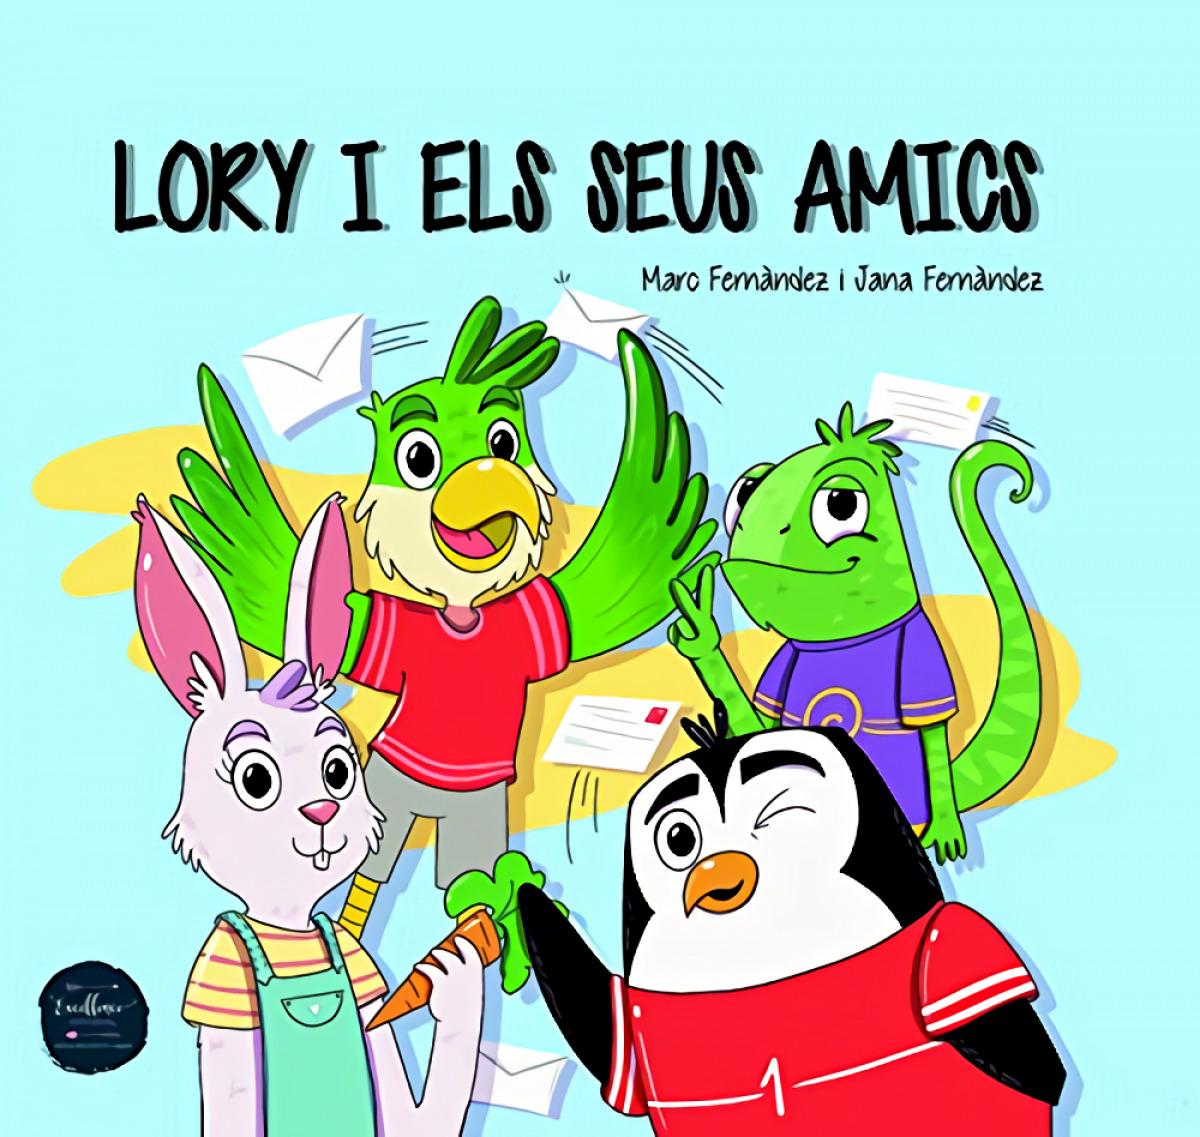 Lory i els seus amics